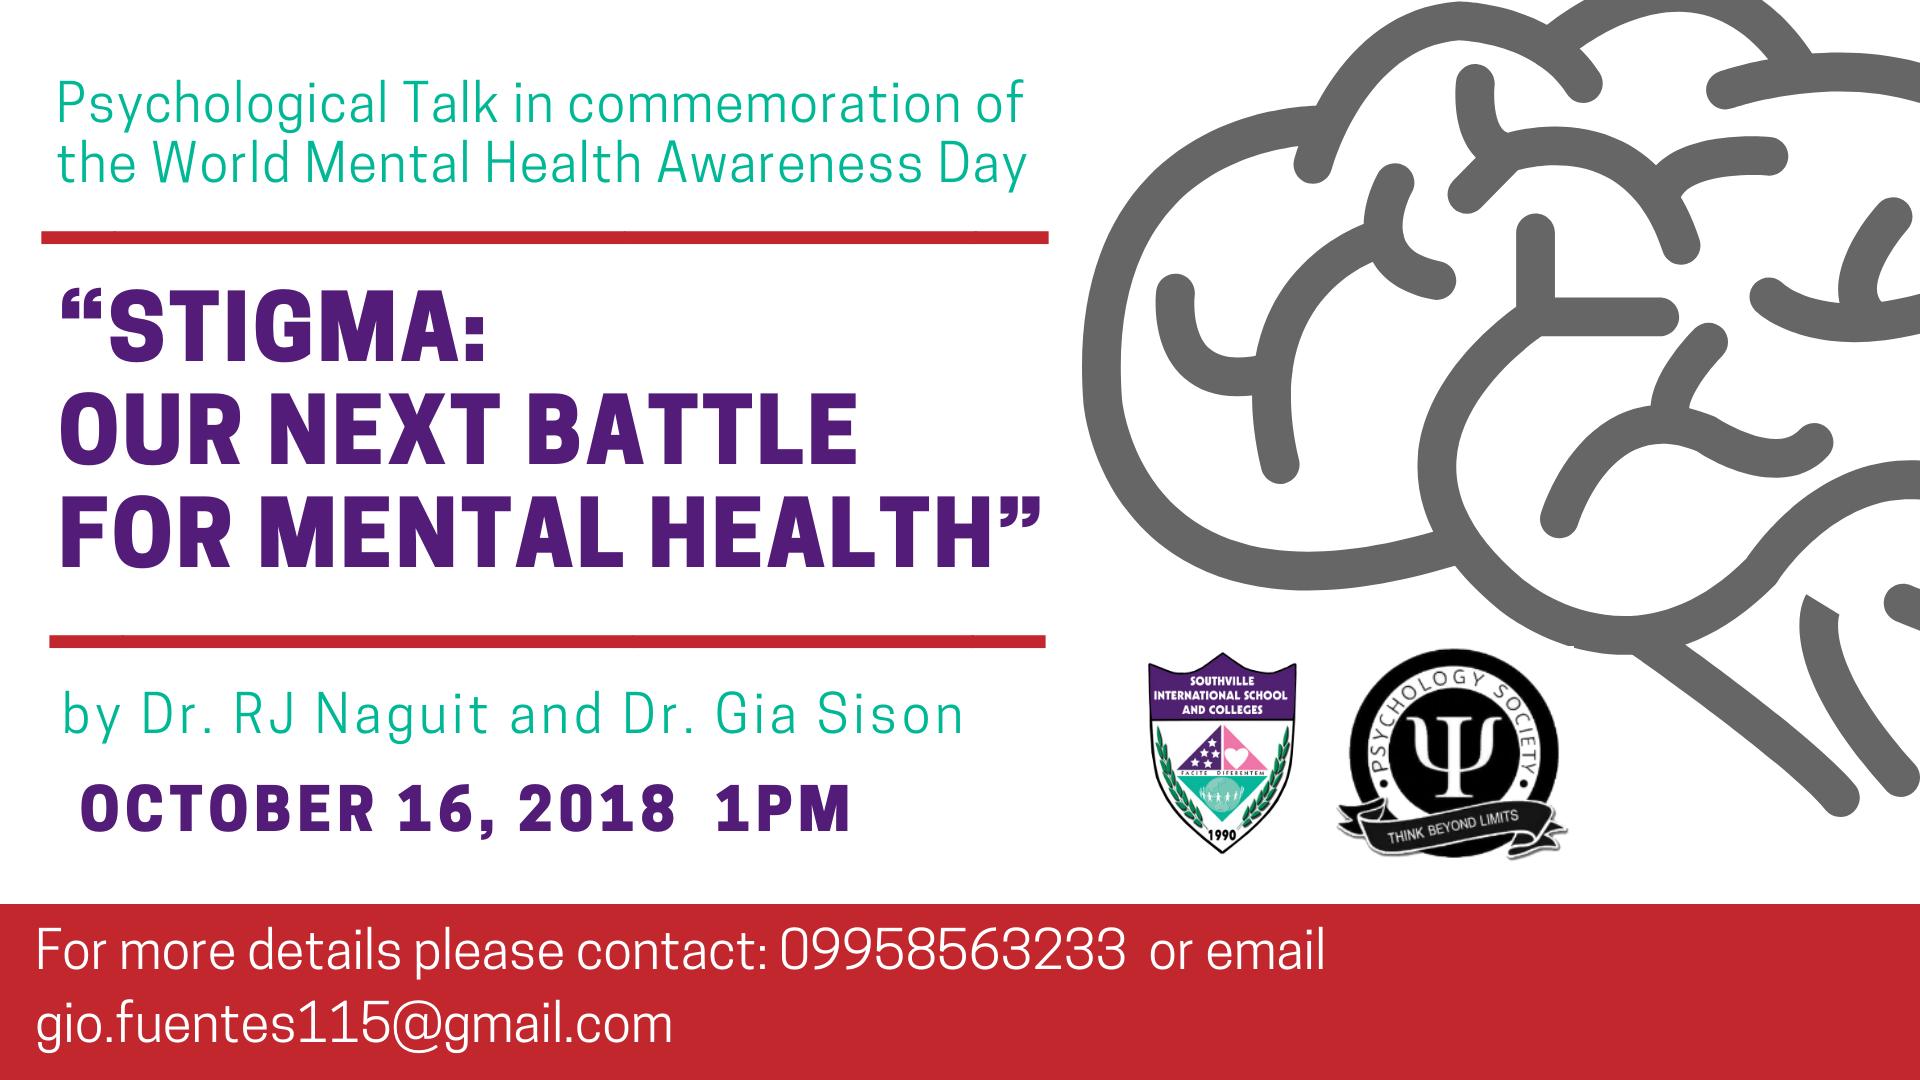 Southville College of Psychology hosts Mental Health Awareness Talk